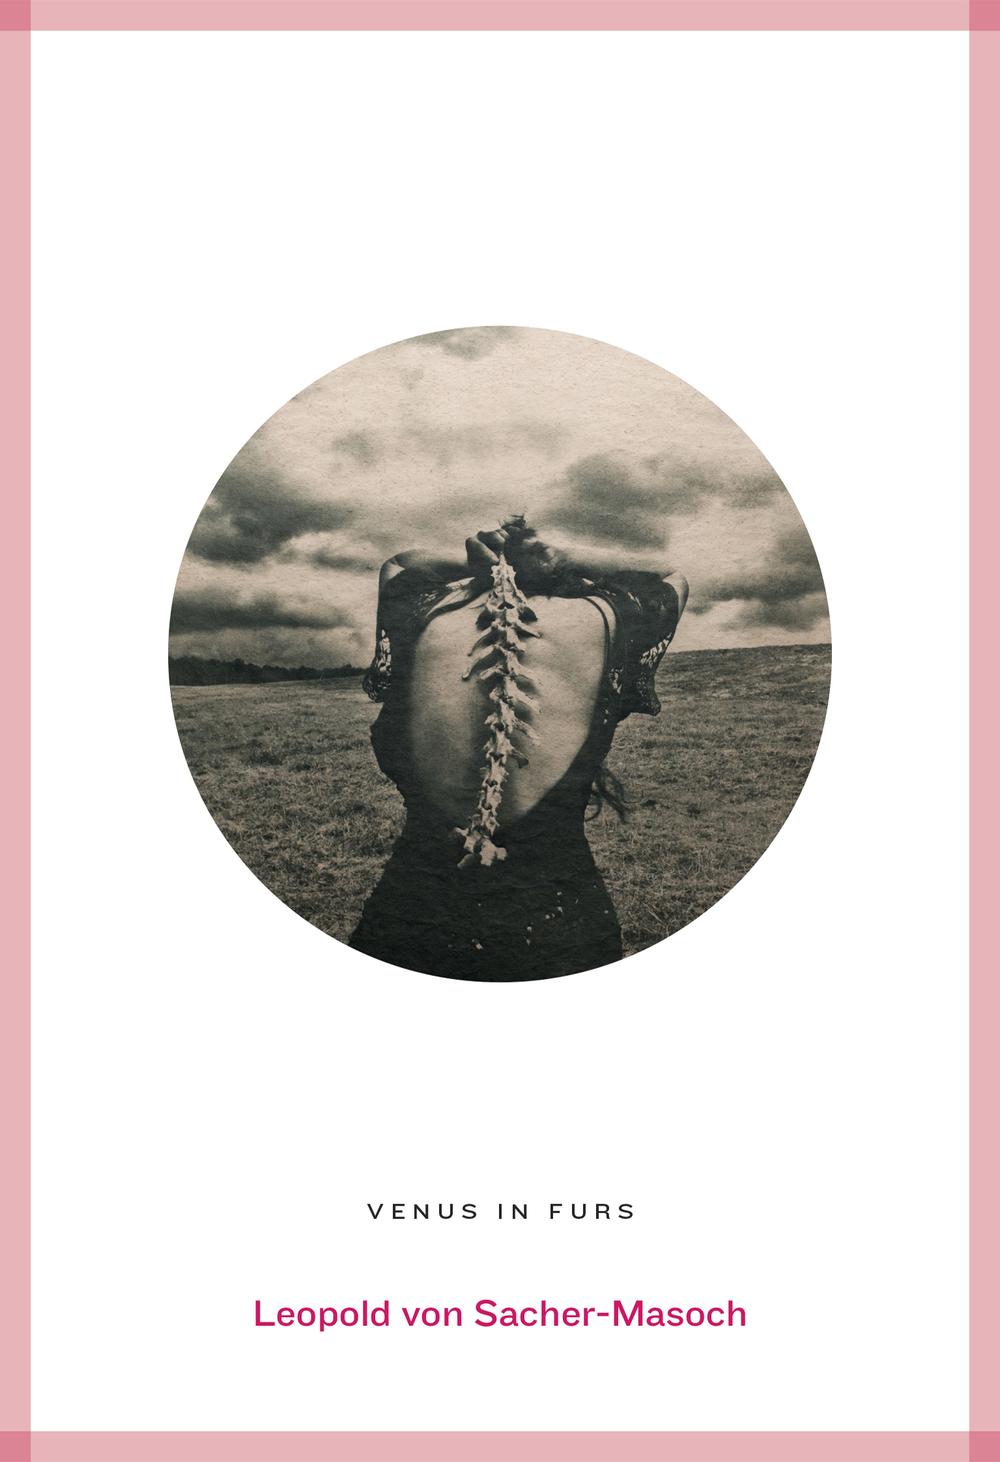 9781909399556 Venus In Furs.jpg